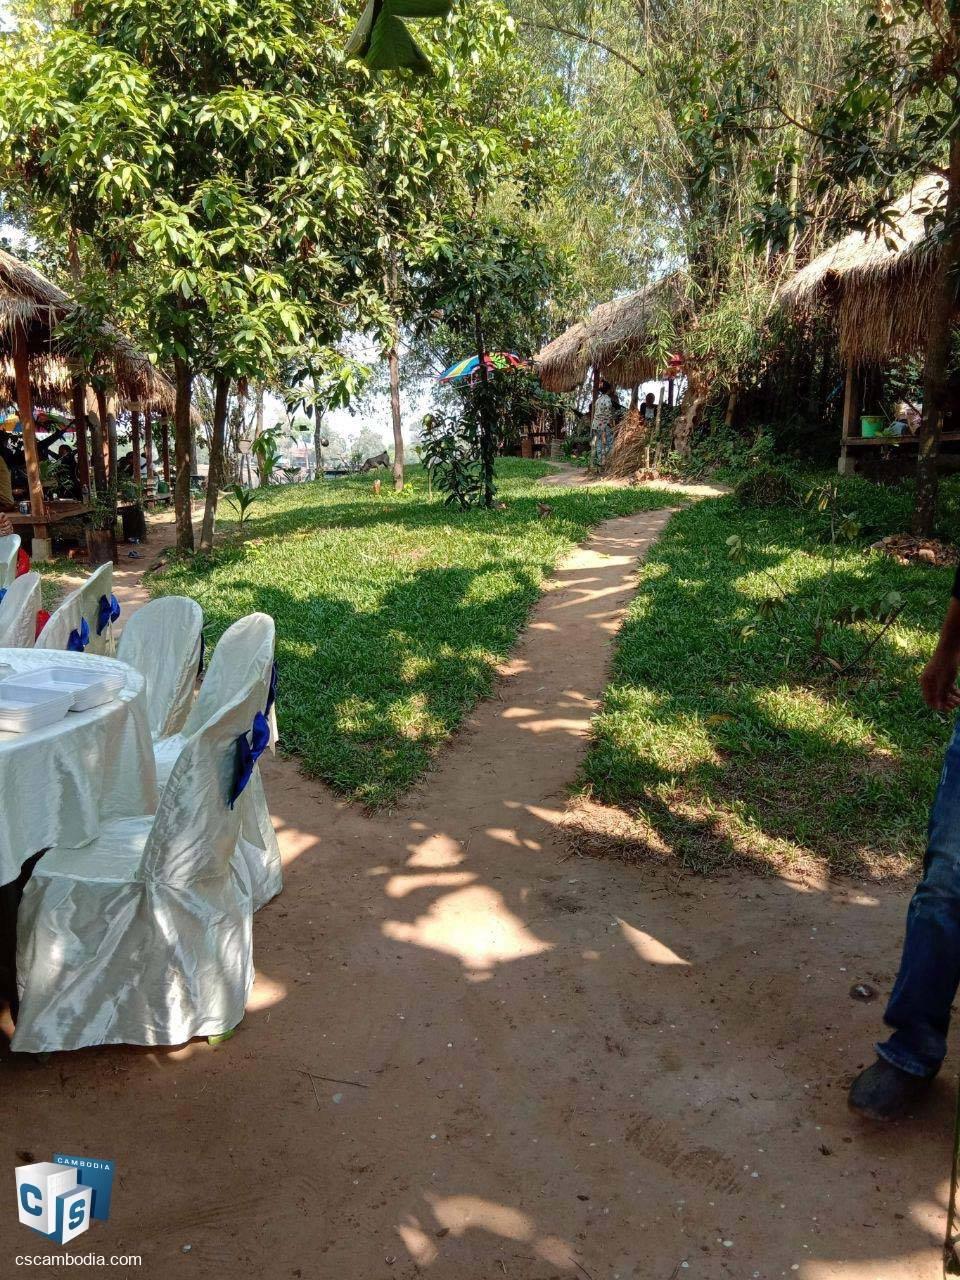 1080 Sq meter land – For Sale – Sras Srong Village – Nokor Thom Commune – Siem Reap